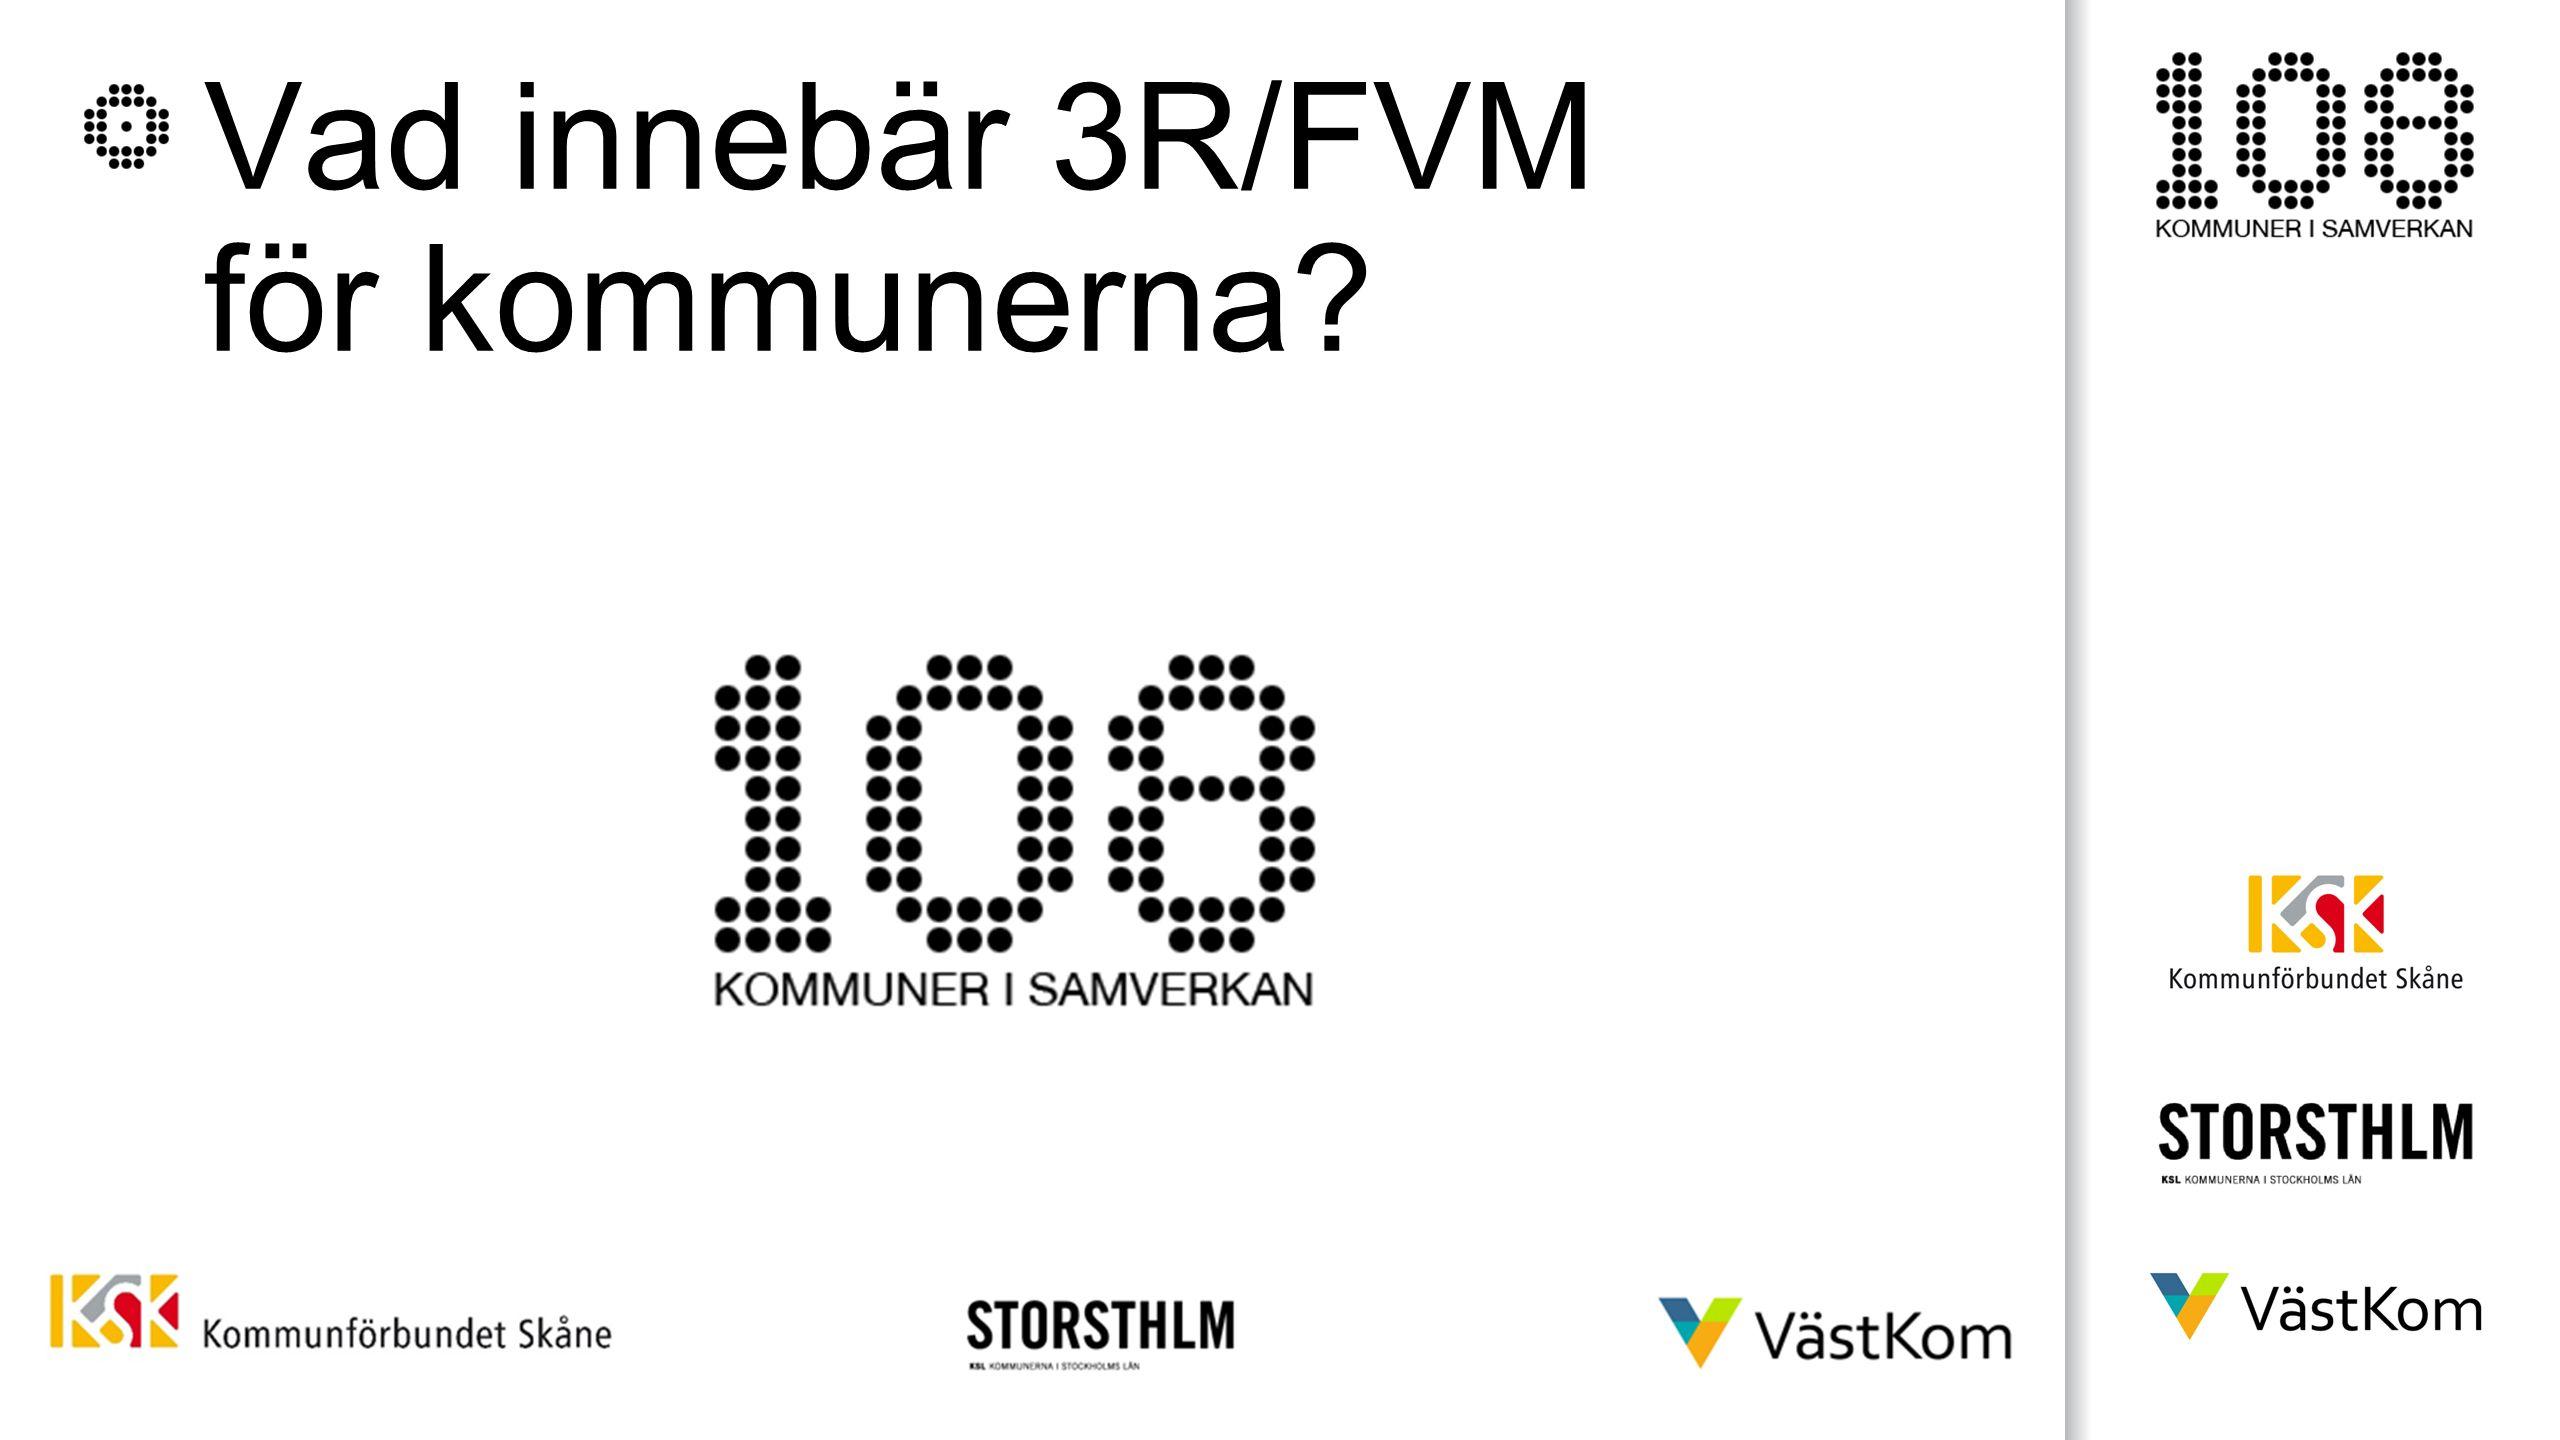 Vad innebär 3R/FVM för kommunerna